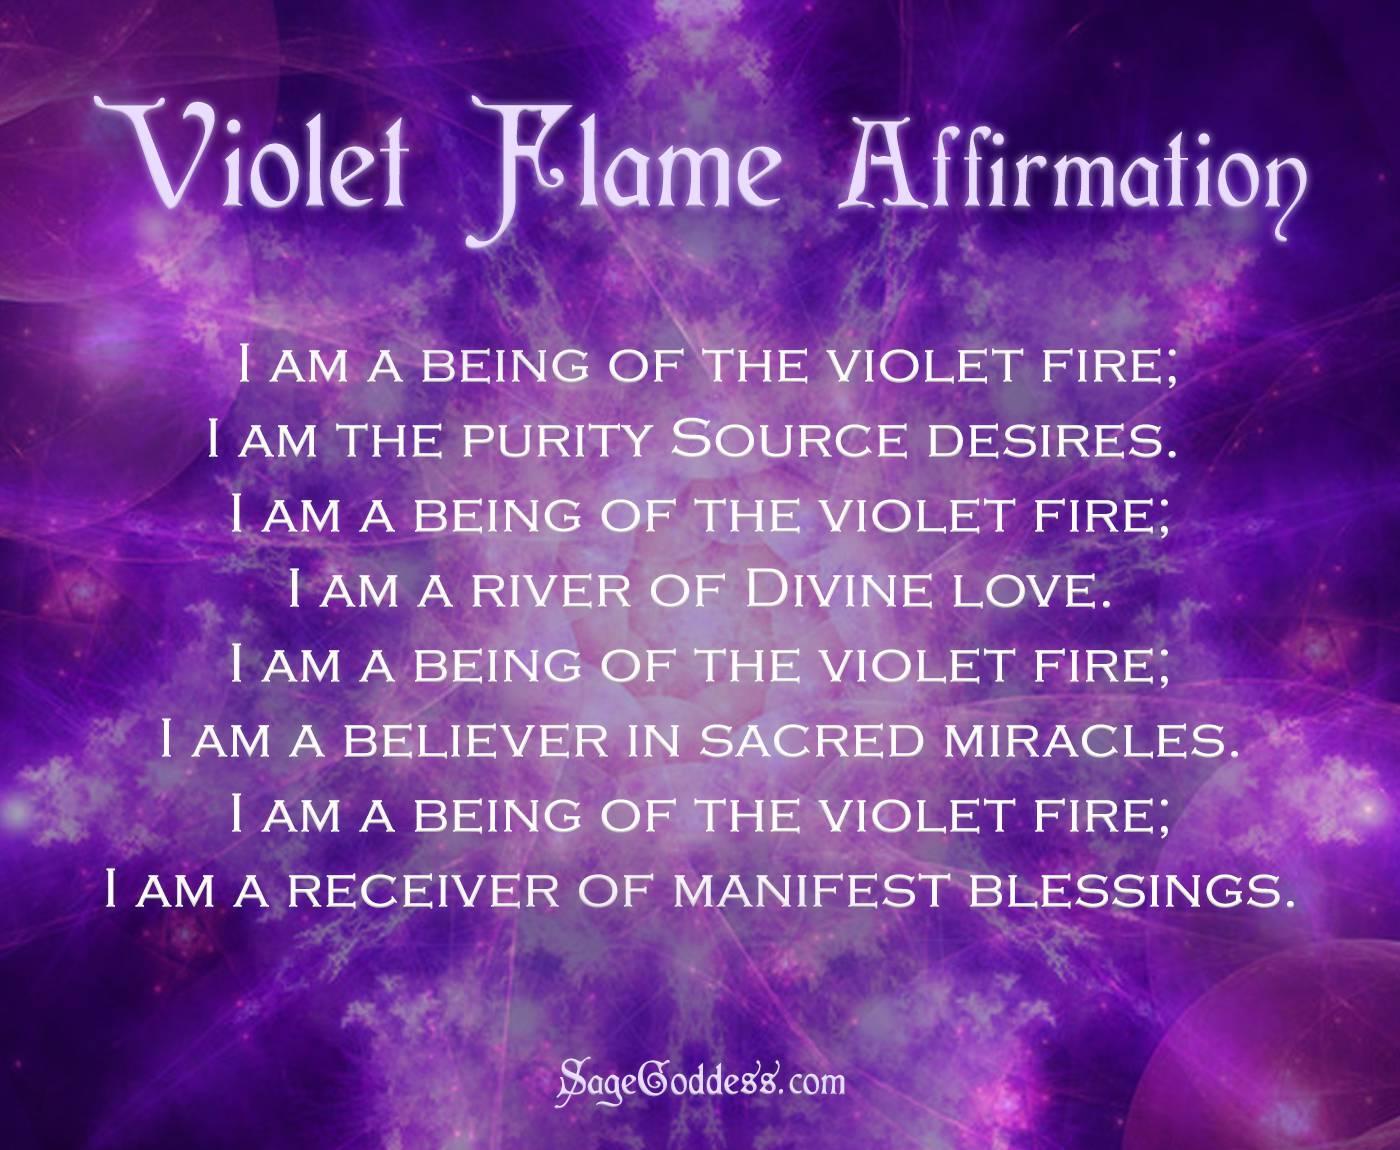 Violet Flame Affirmation